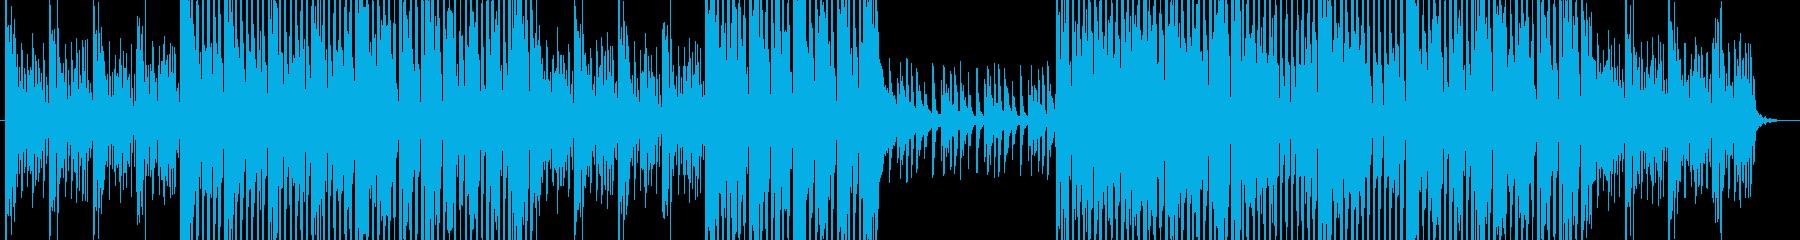 お洒落な雰囲気のあるEDMの再生済みの波形